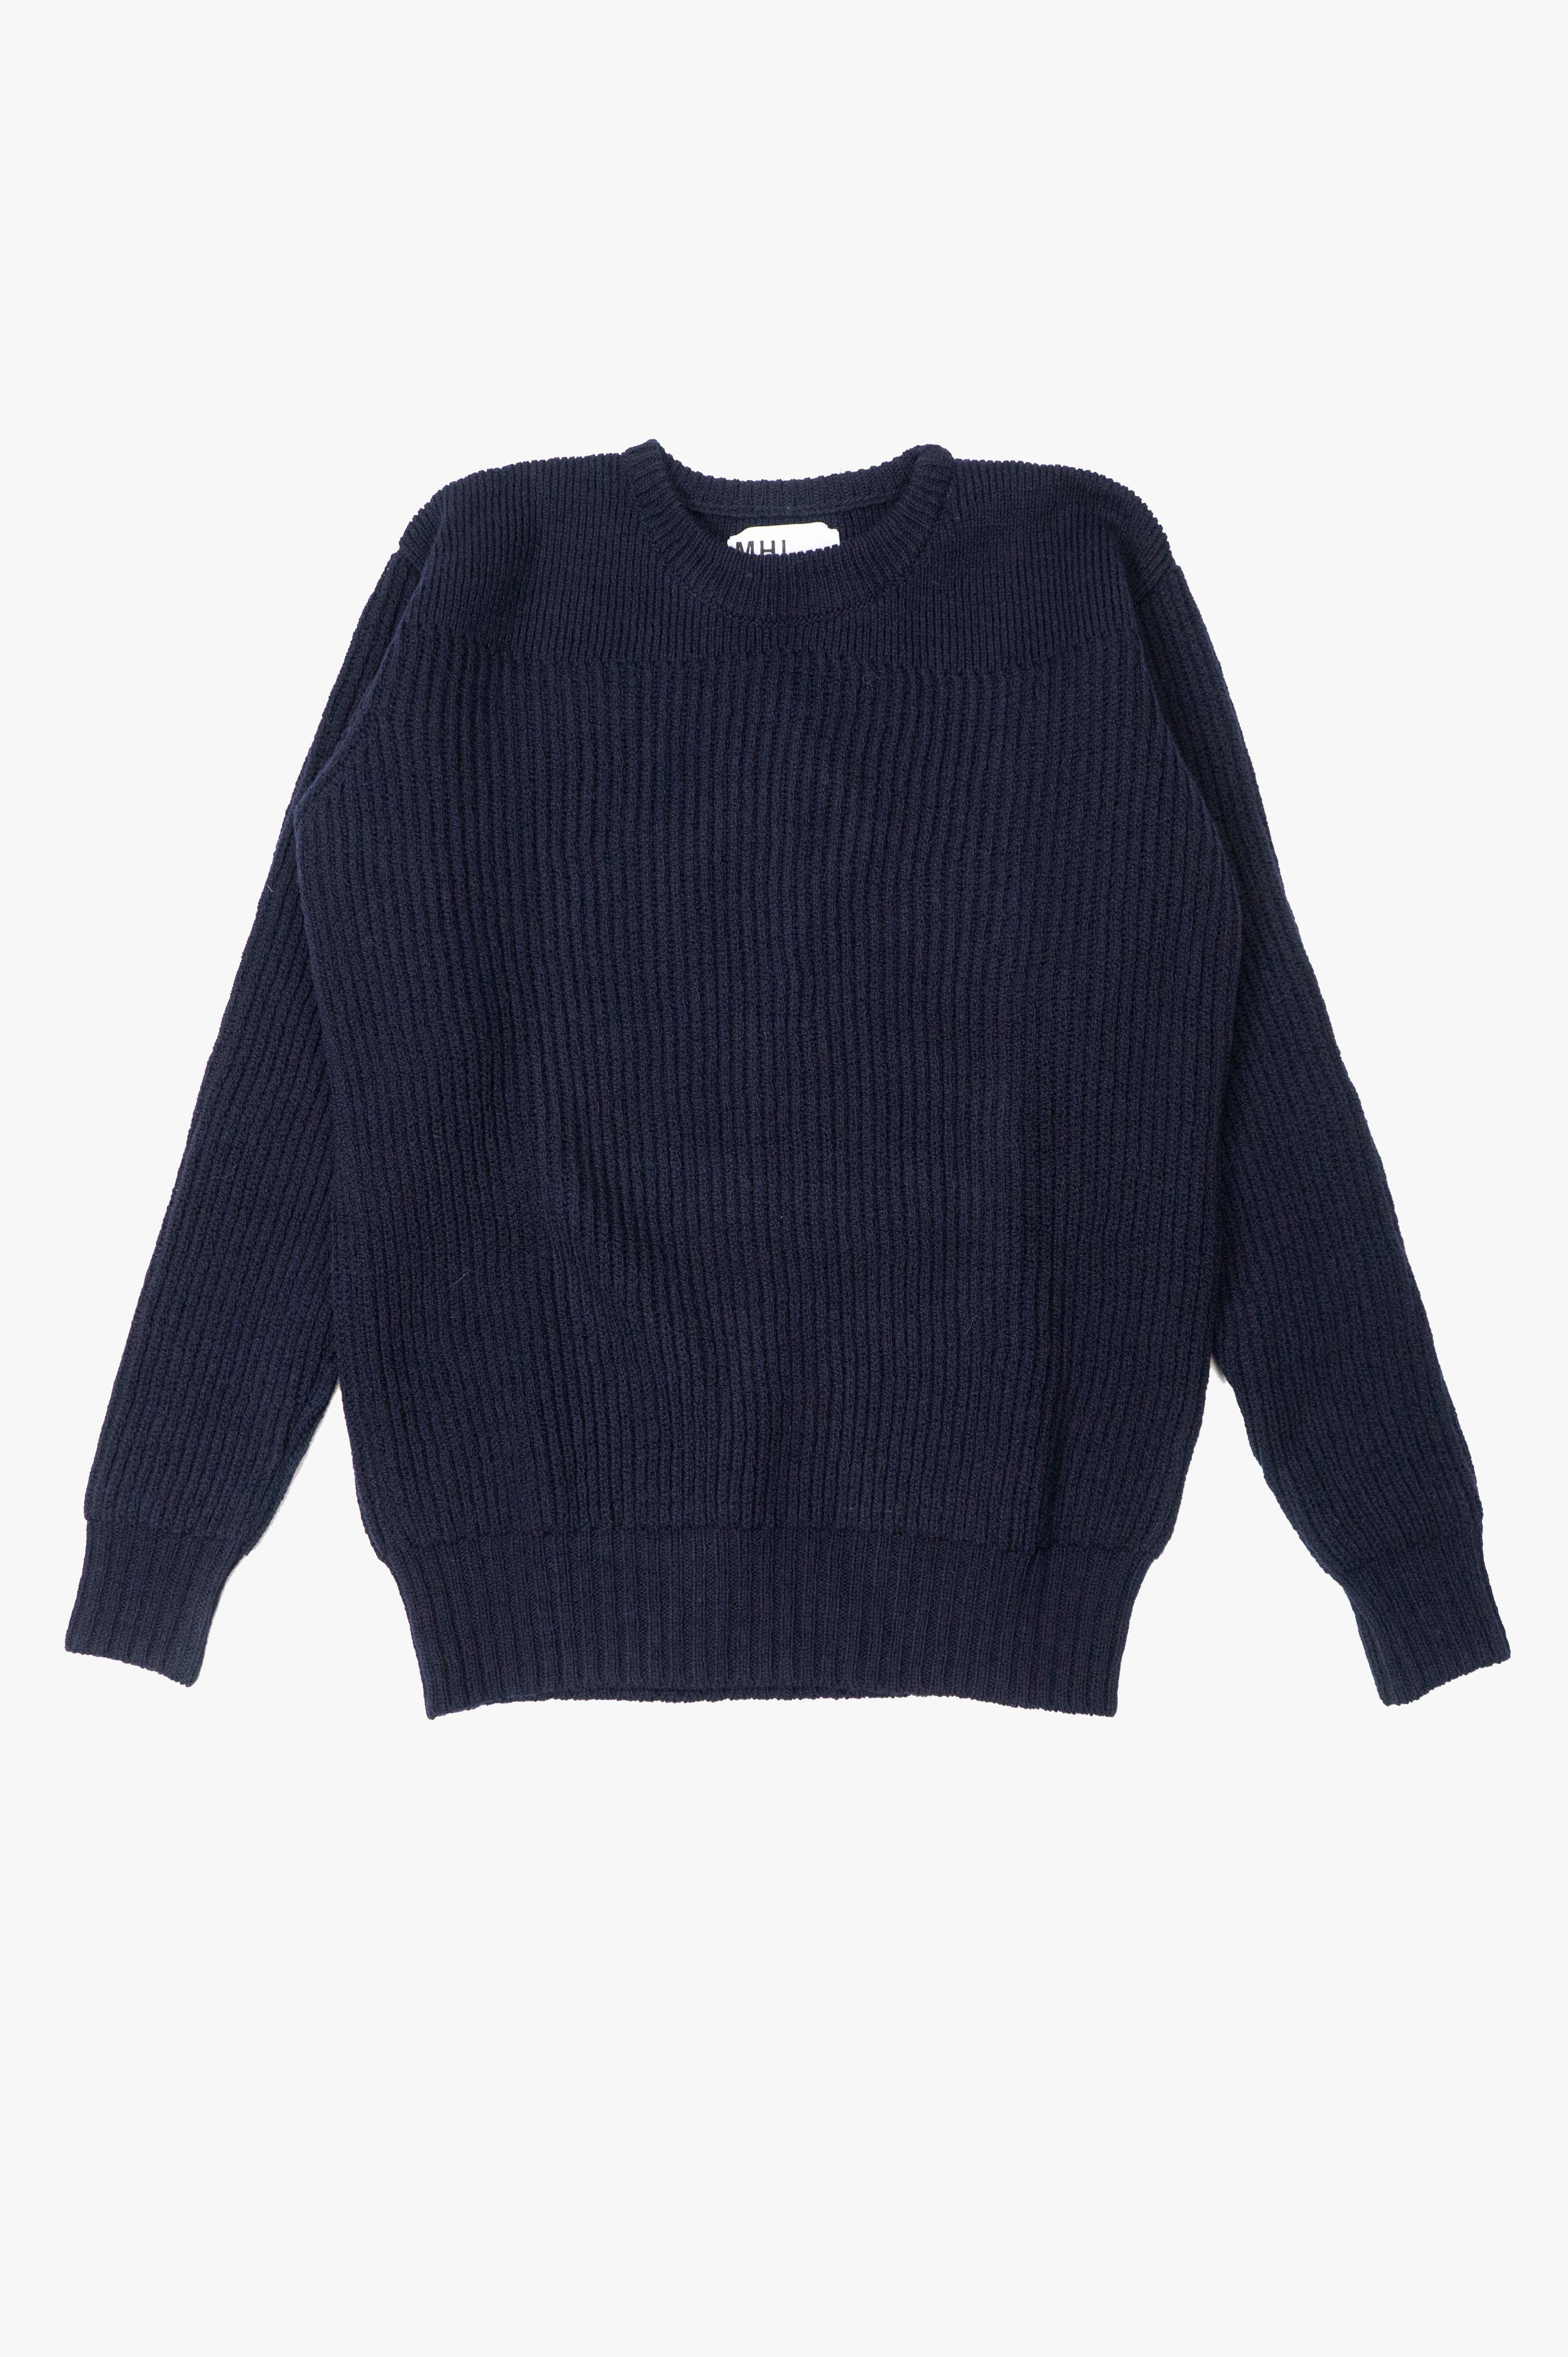 Fishermans Rib Sweater British Merino Navy